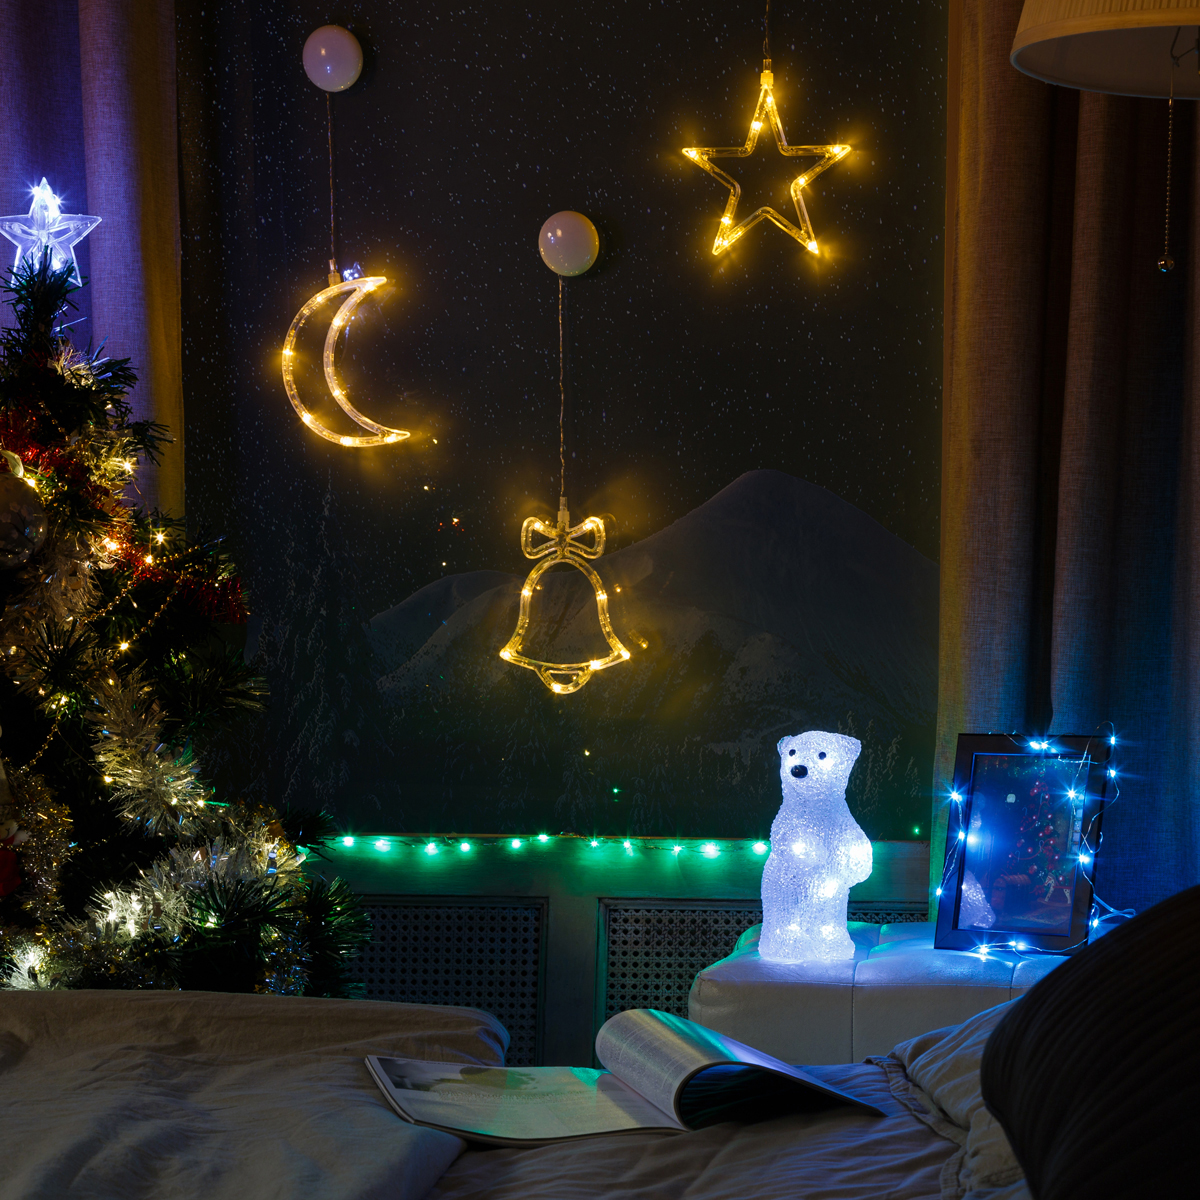 Комплект Neon-Night Спальня, для новогоднего украшения дома, цвет гирлянд: розовый. 500-037 комплект neon night кухня для новогоднего украшения дома цвет гирлянд мультиколор 500 009